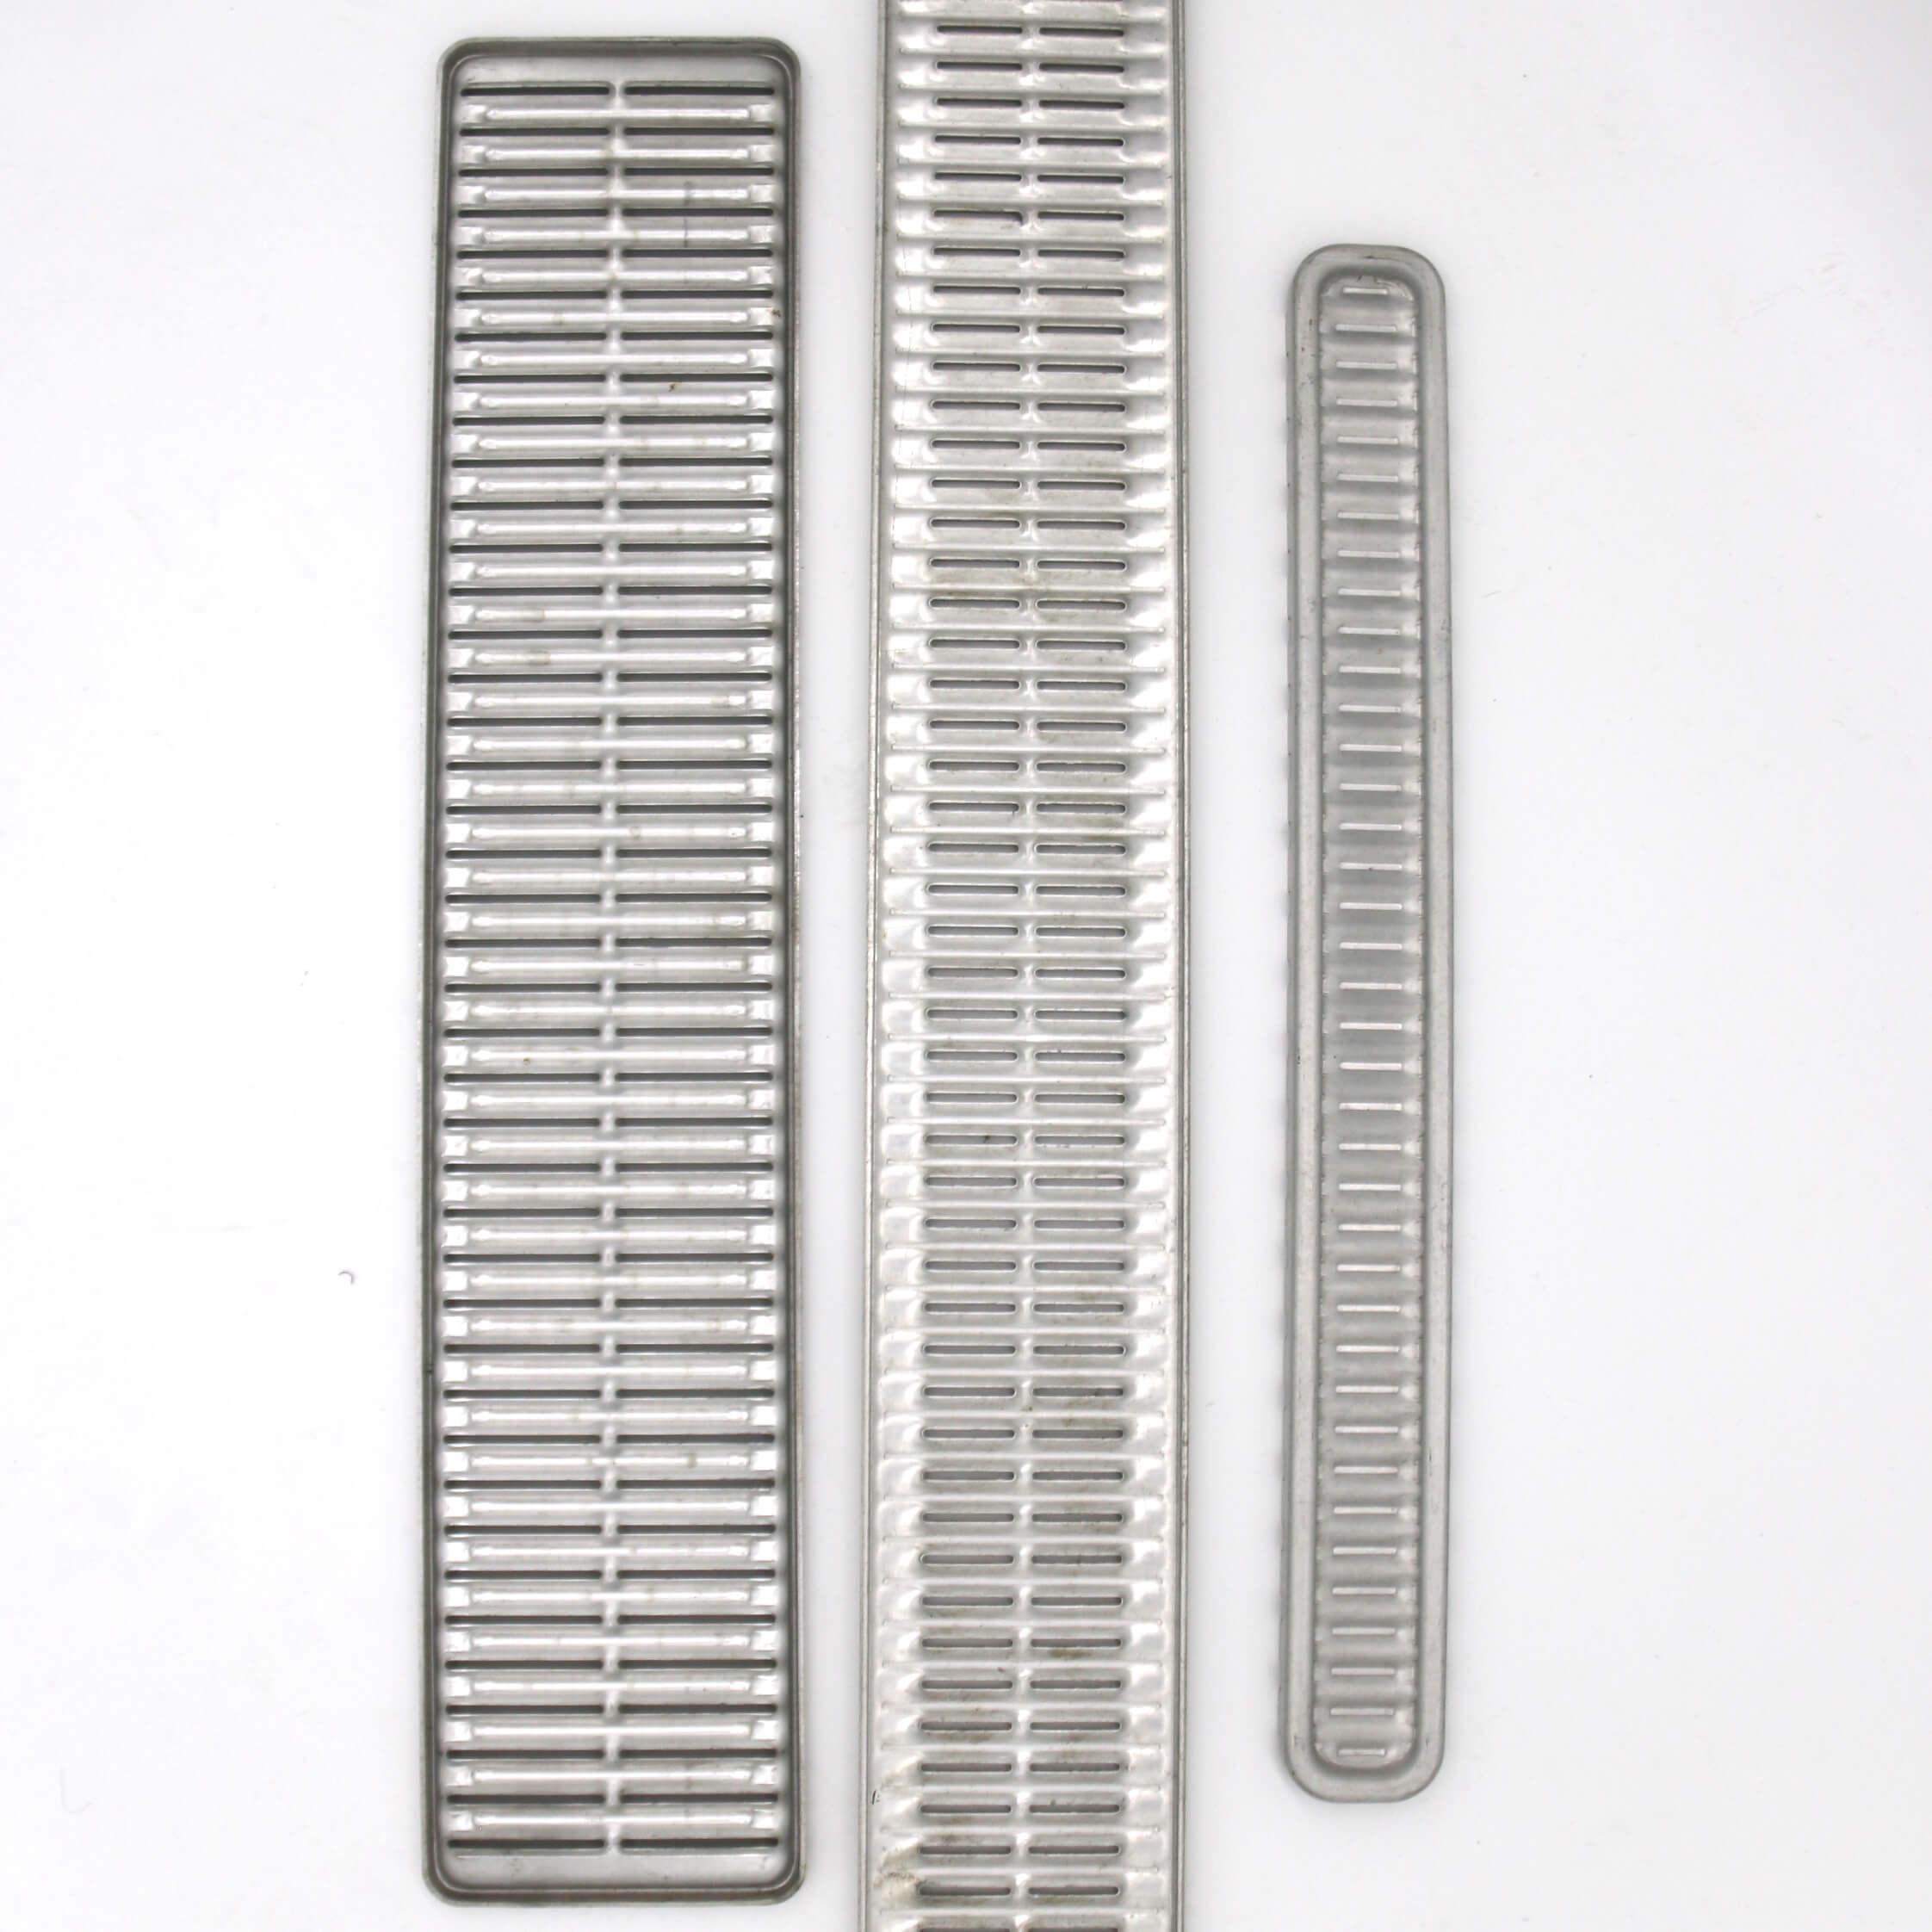 Radiator components stamped, brass, aluminum, aluminium, steel